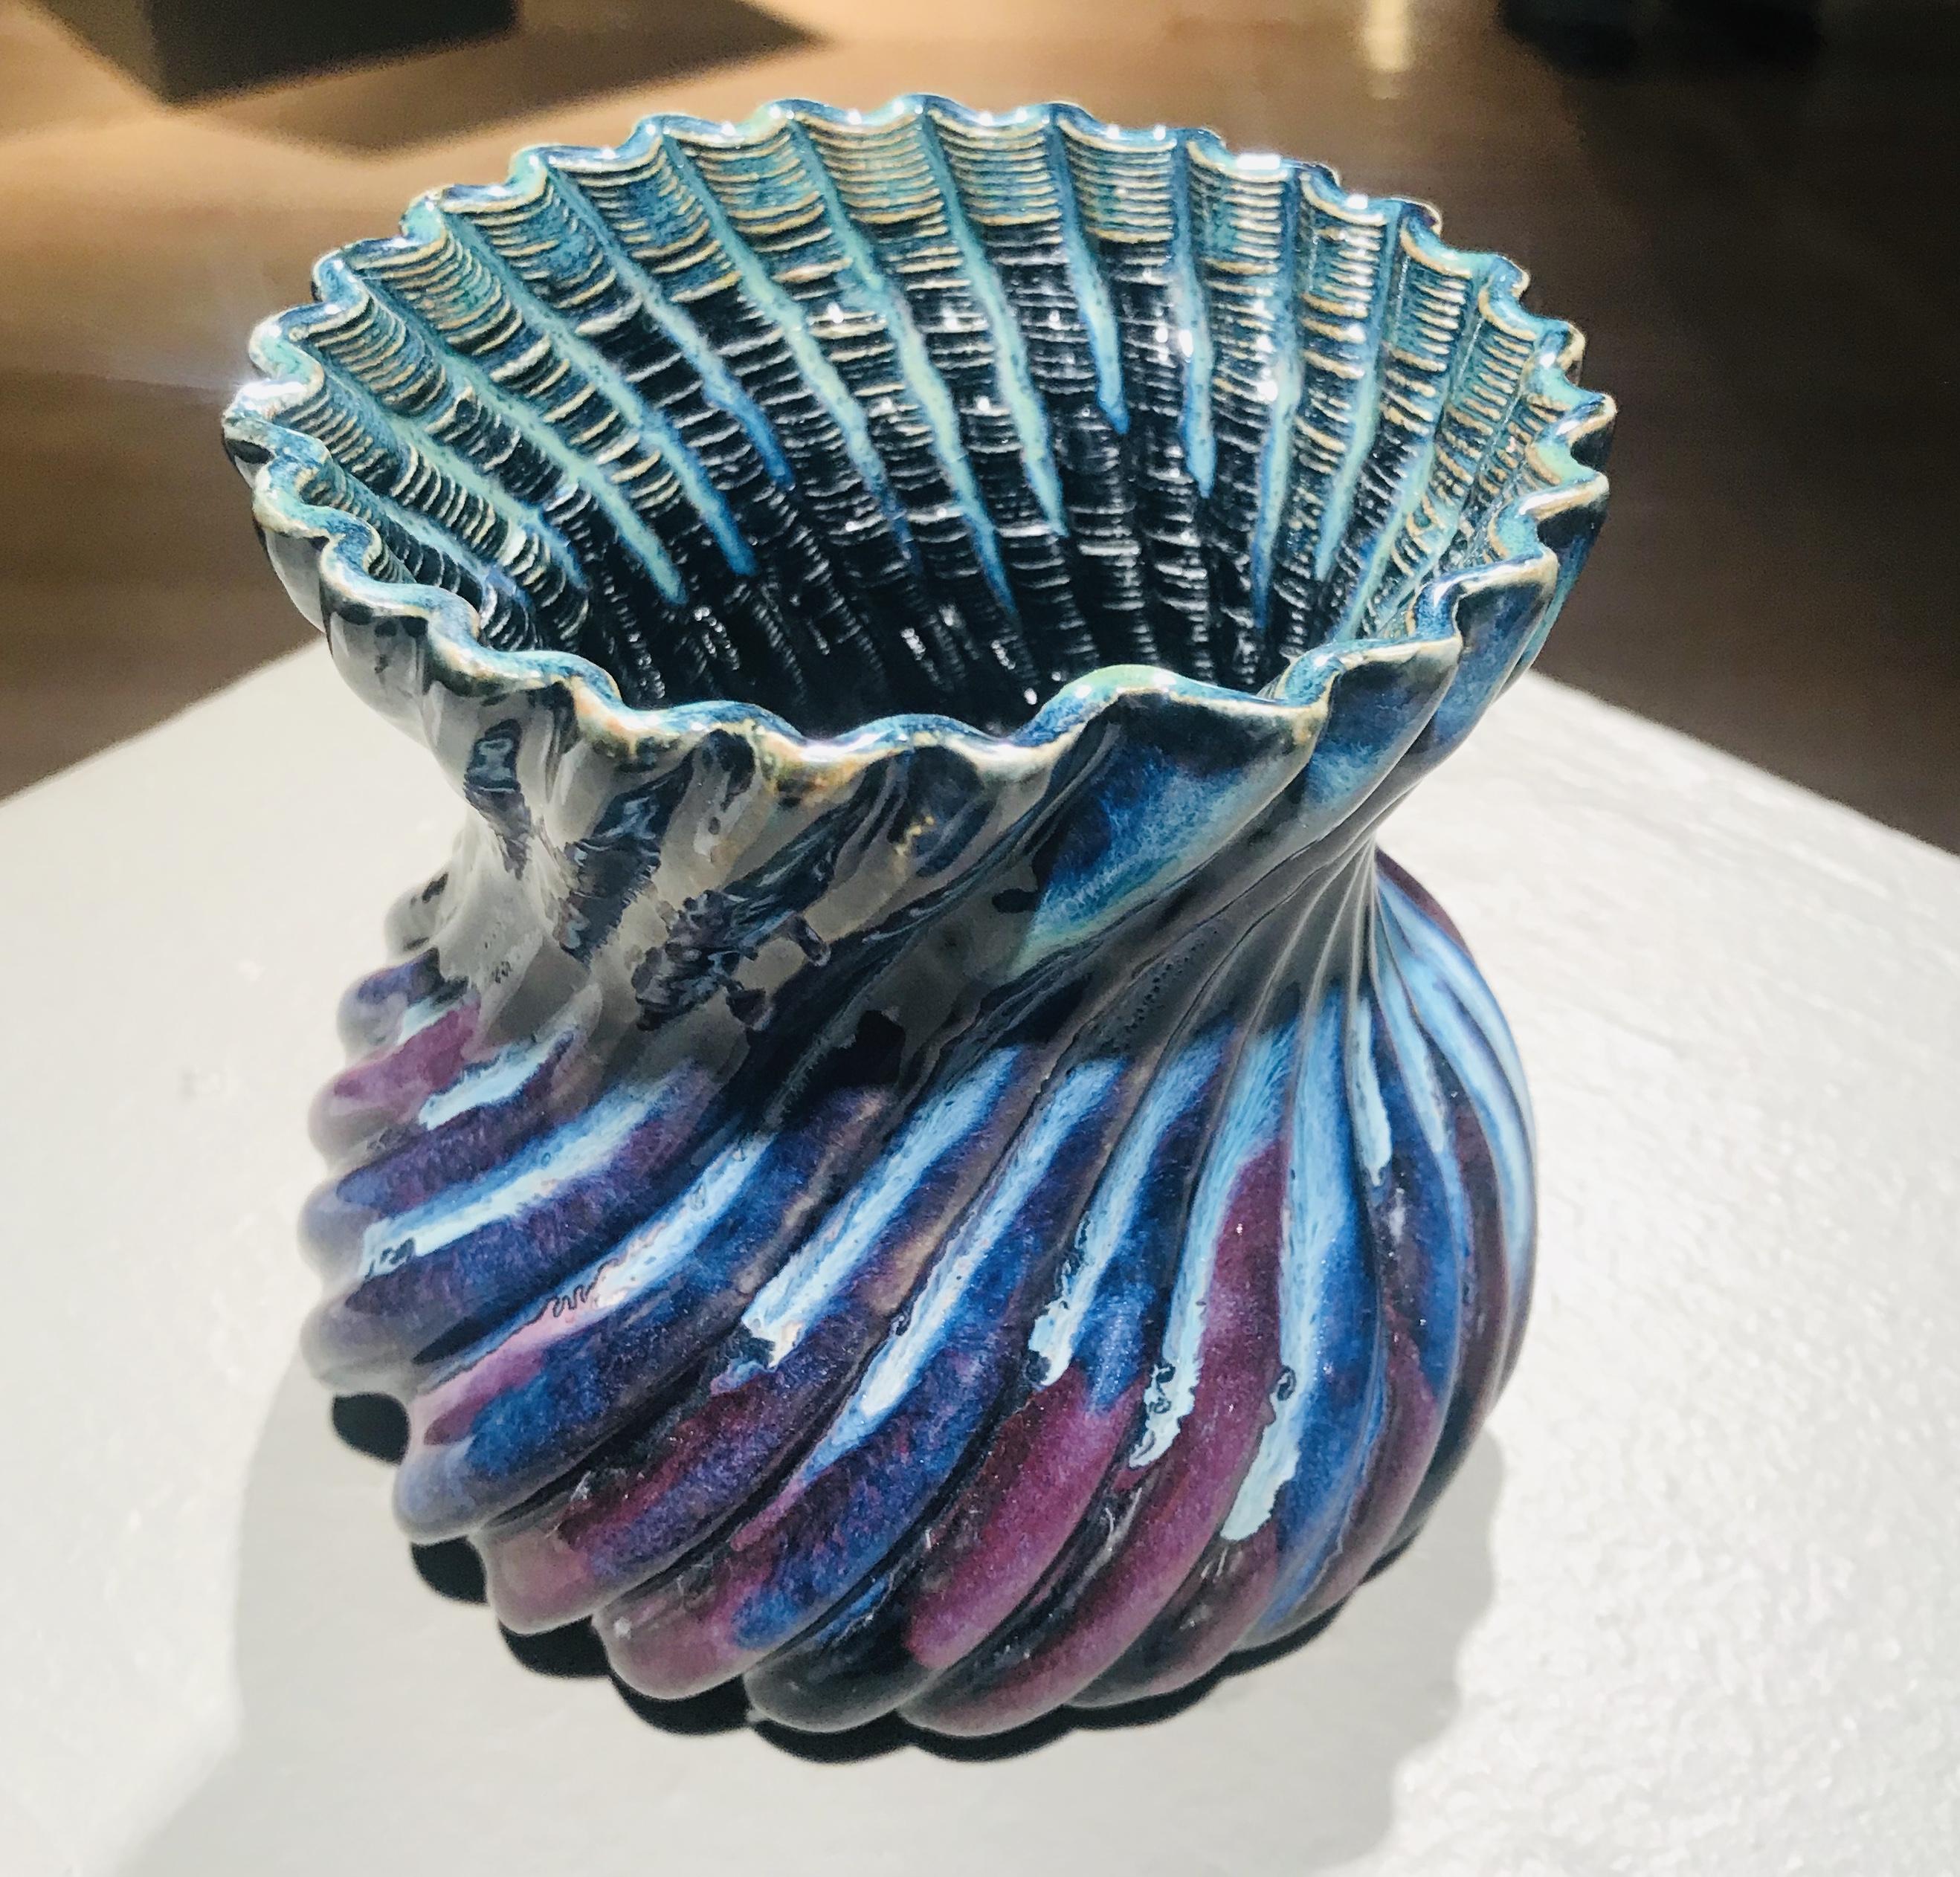 3D Printed Vessel